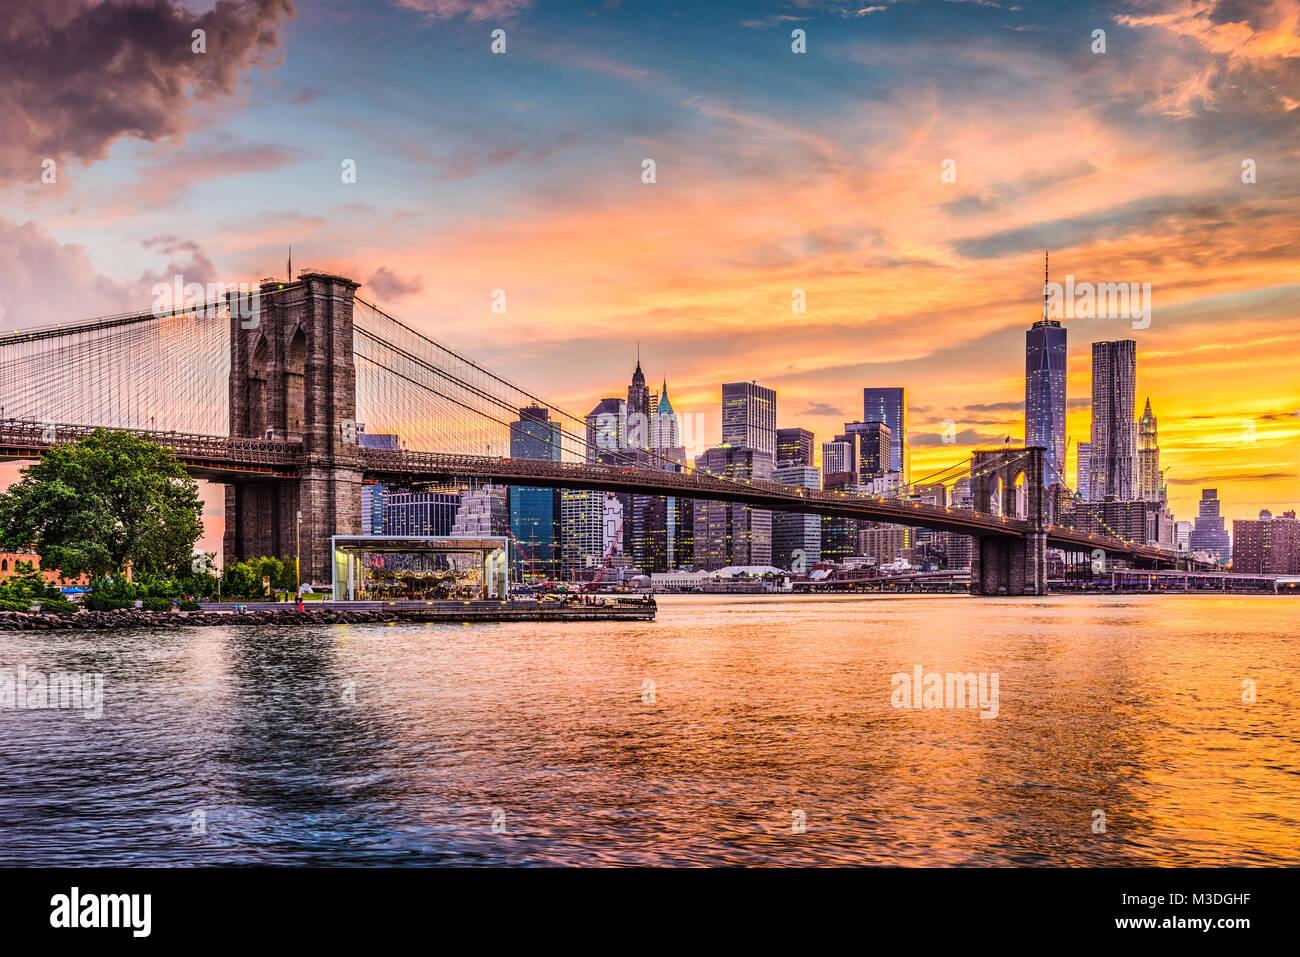 New york sur l 39 east river avec pont de brooklyn au coucher - Coucher du soleil new york ...